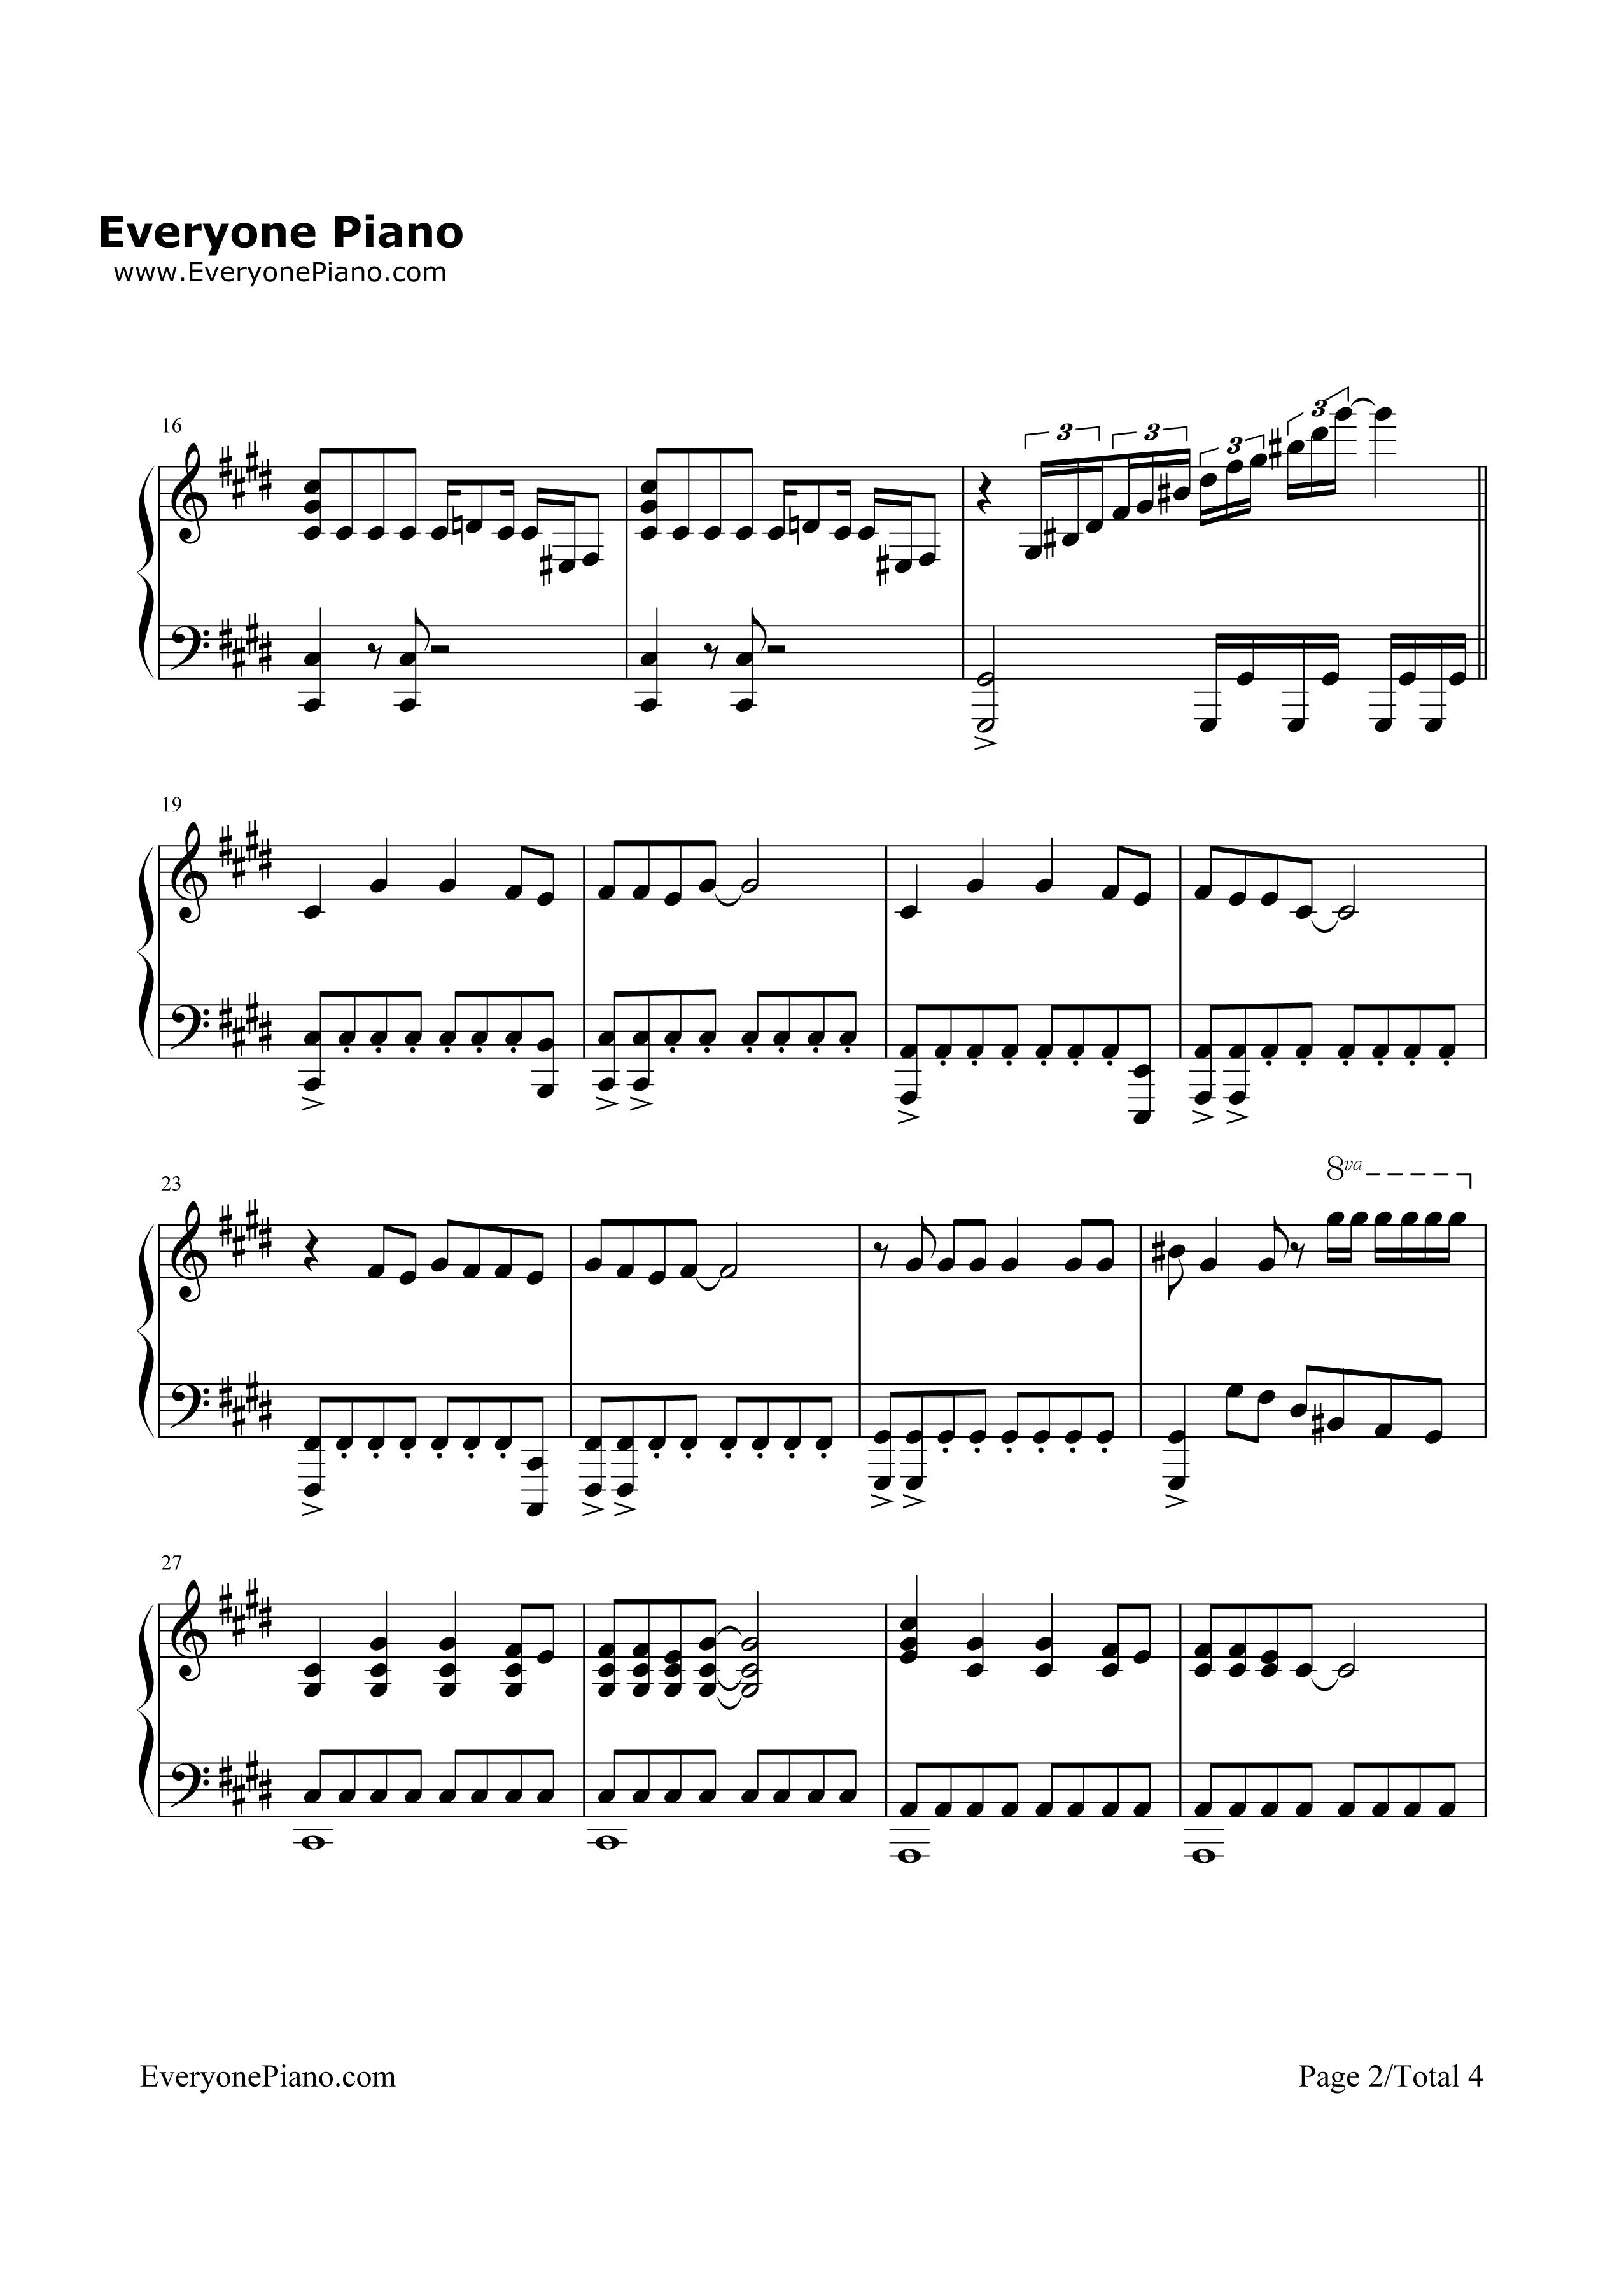 钢琴曲谱 流行 就是孙悟空-西游记之孙悟空三打白骨精主题曲 就是孙